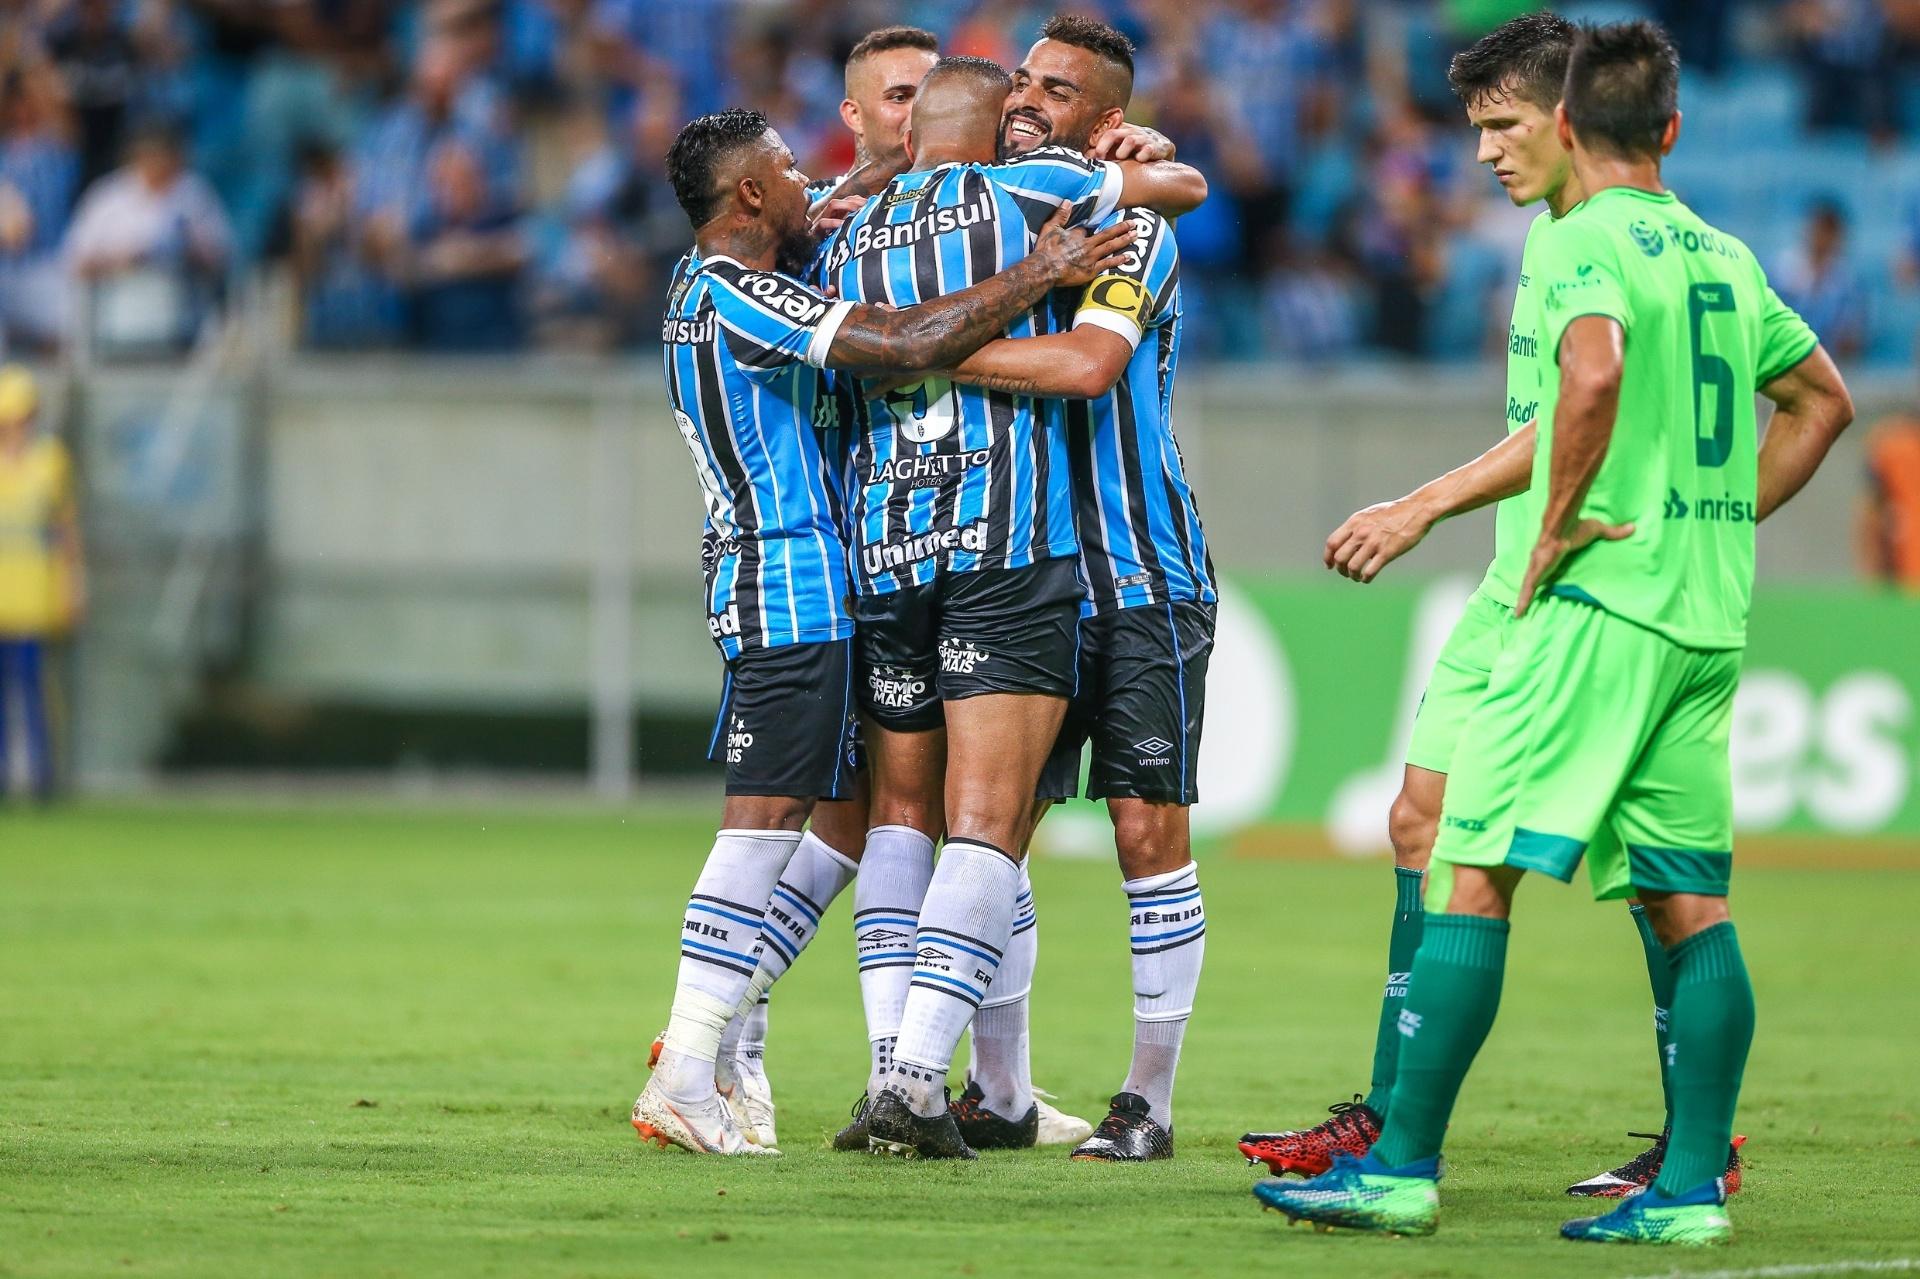 55359fcc0409a Jael faz dois e Grêmio vence Juventude na estreia do time titular -  28 01 2019 - UOL Esporte